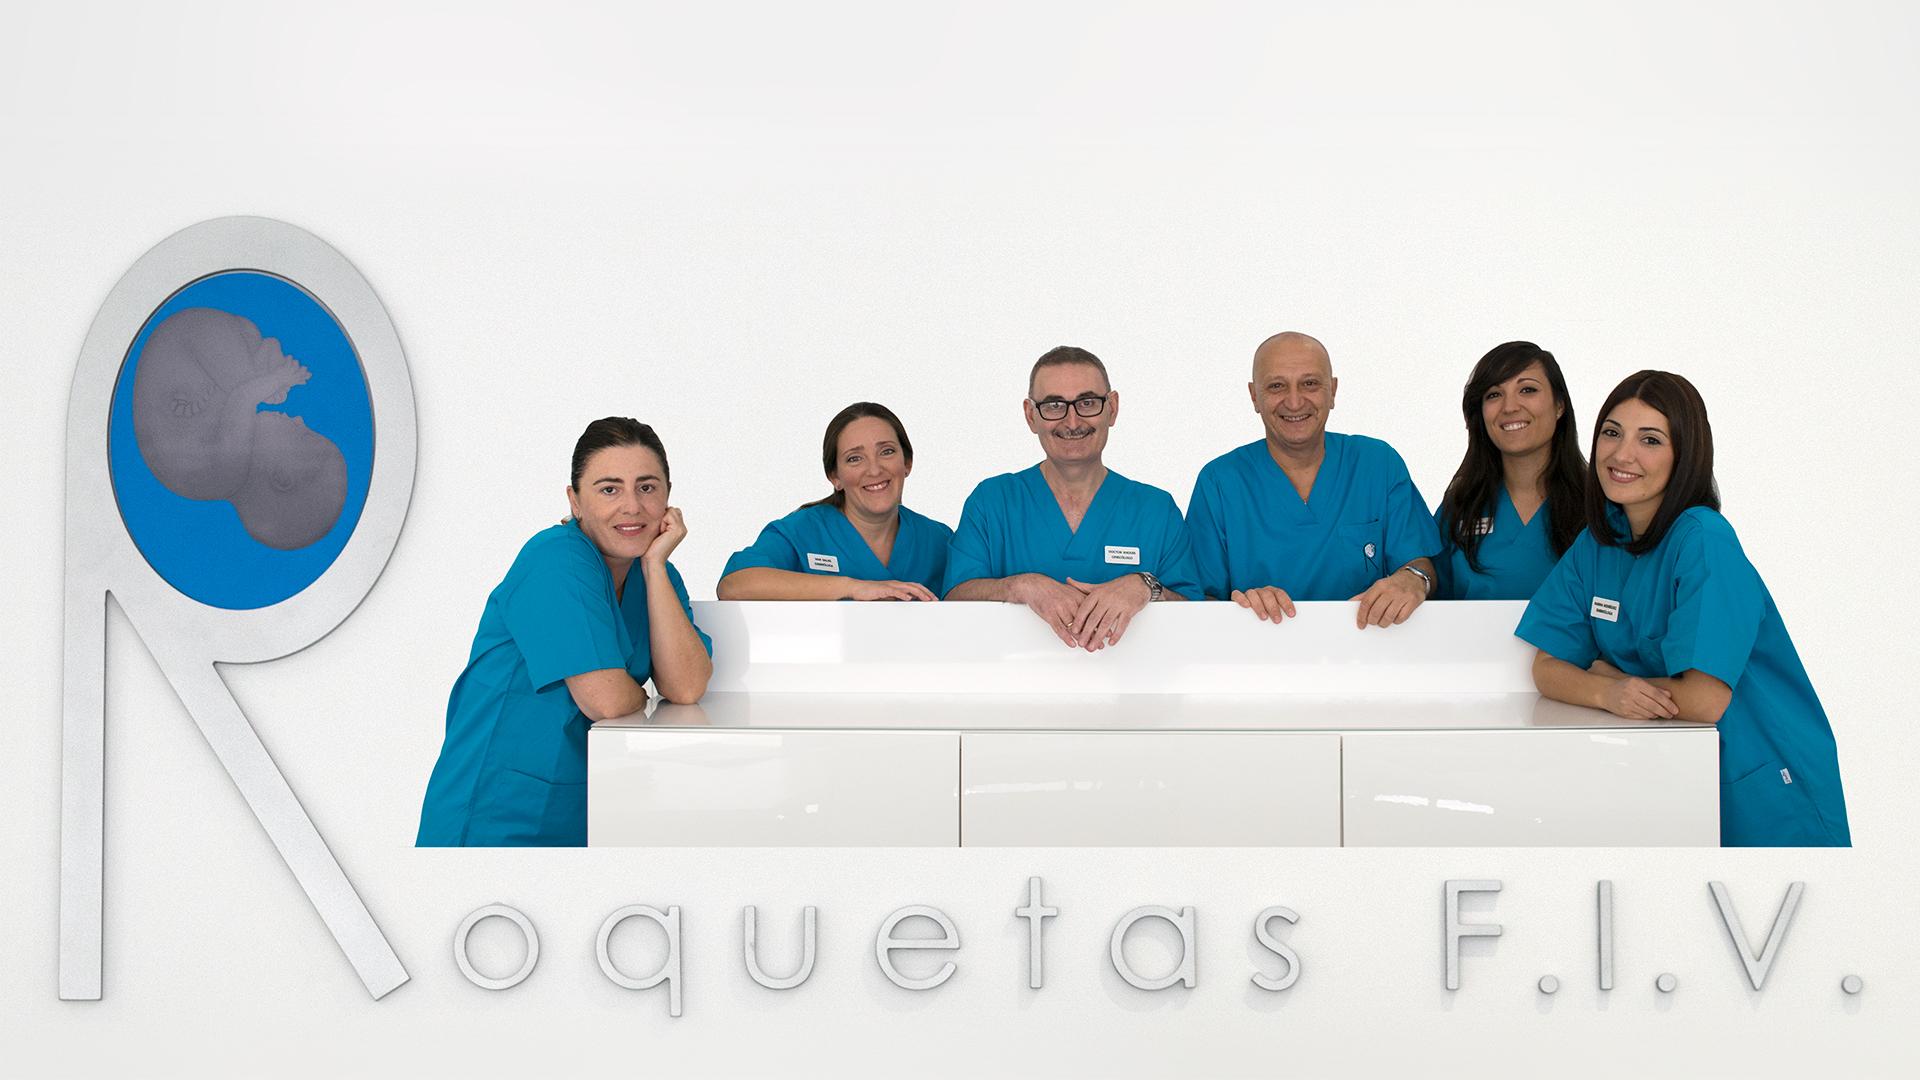 Inauguración de las nuevas Instalaciones RoquetasFIV